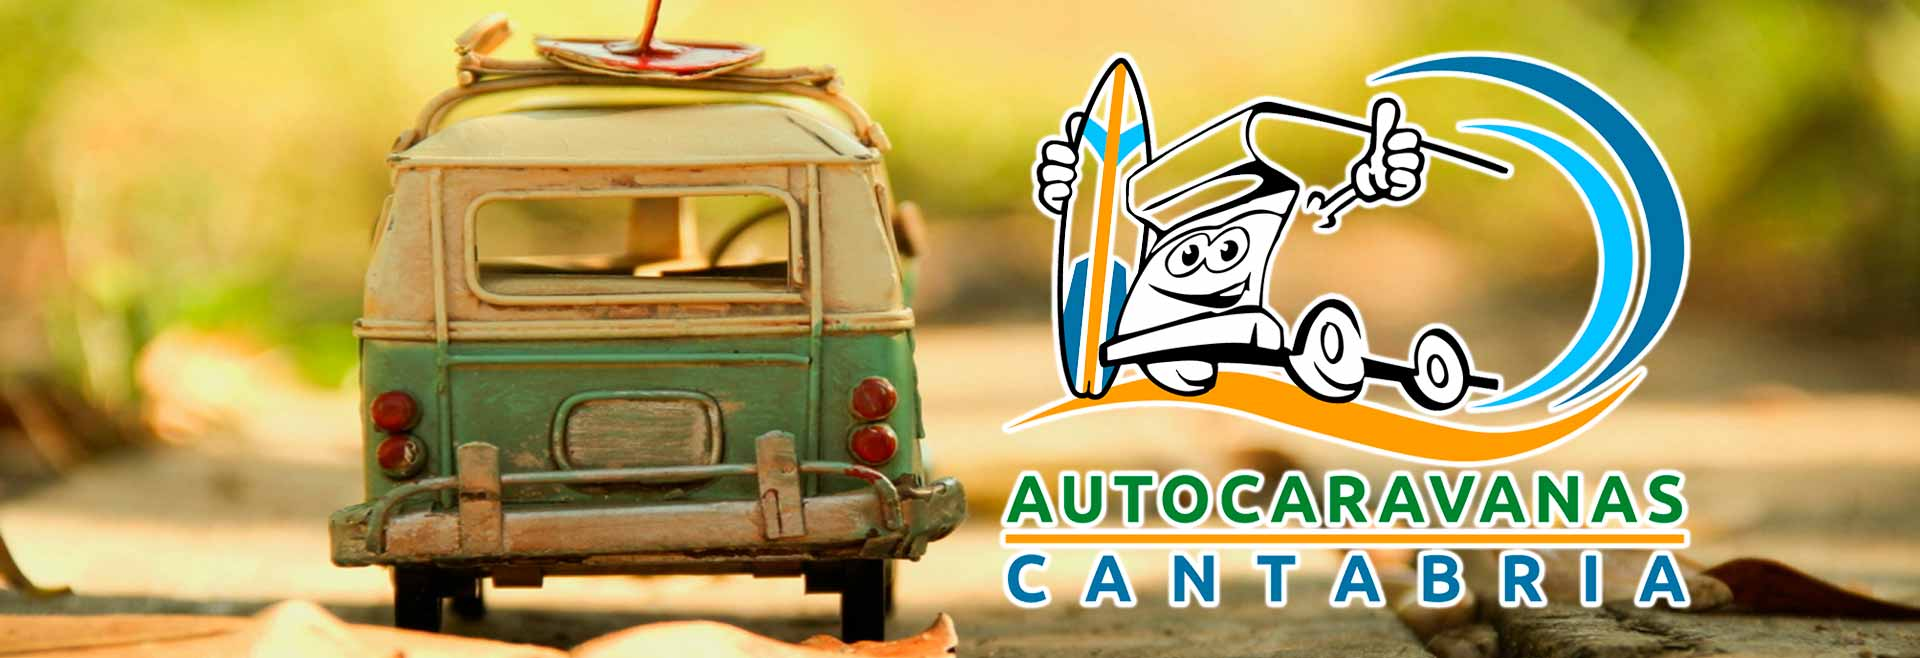 Autocaravanas en Cantabria - Alquiler, venta y accesorios